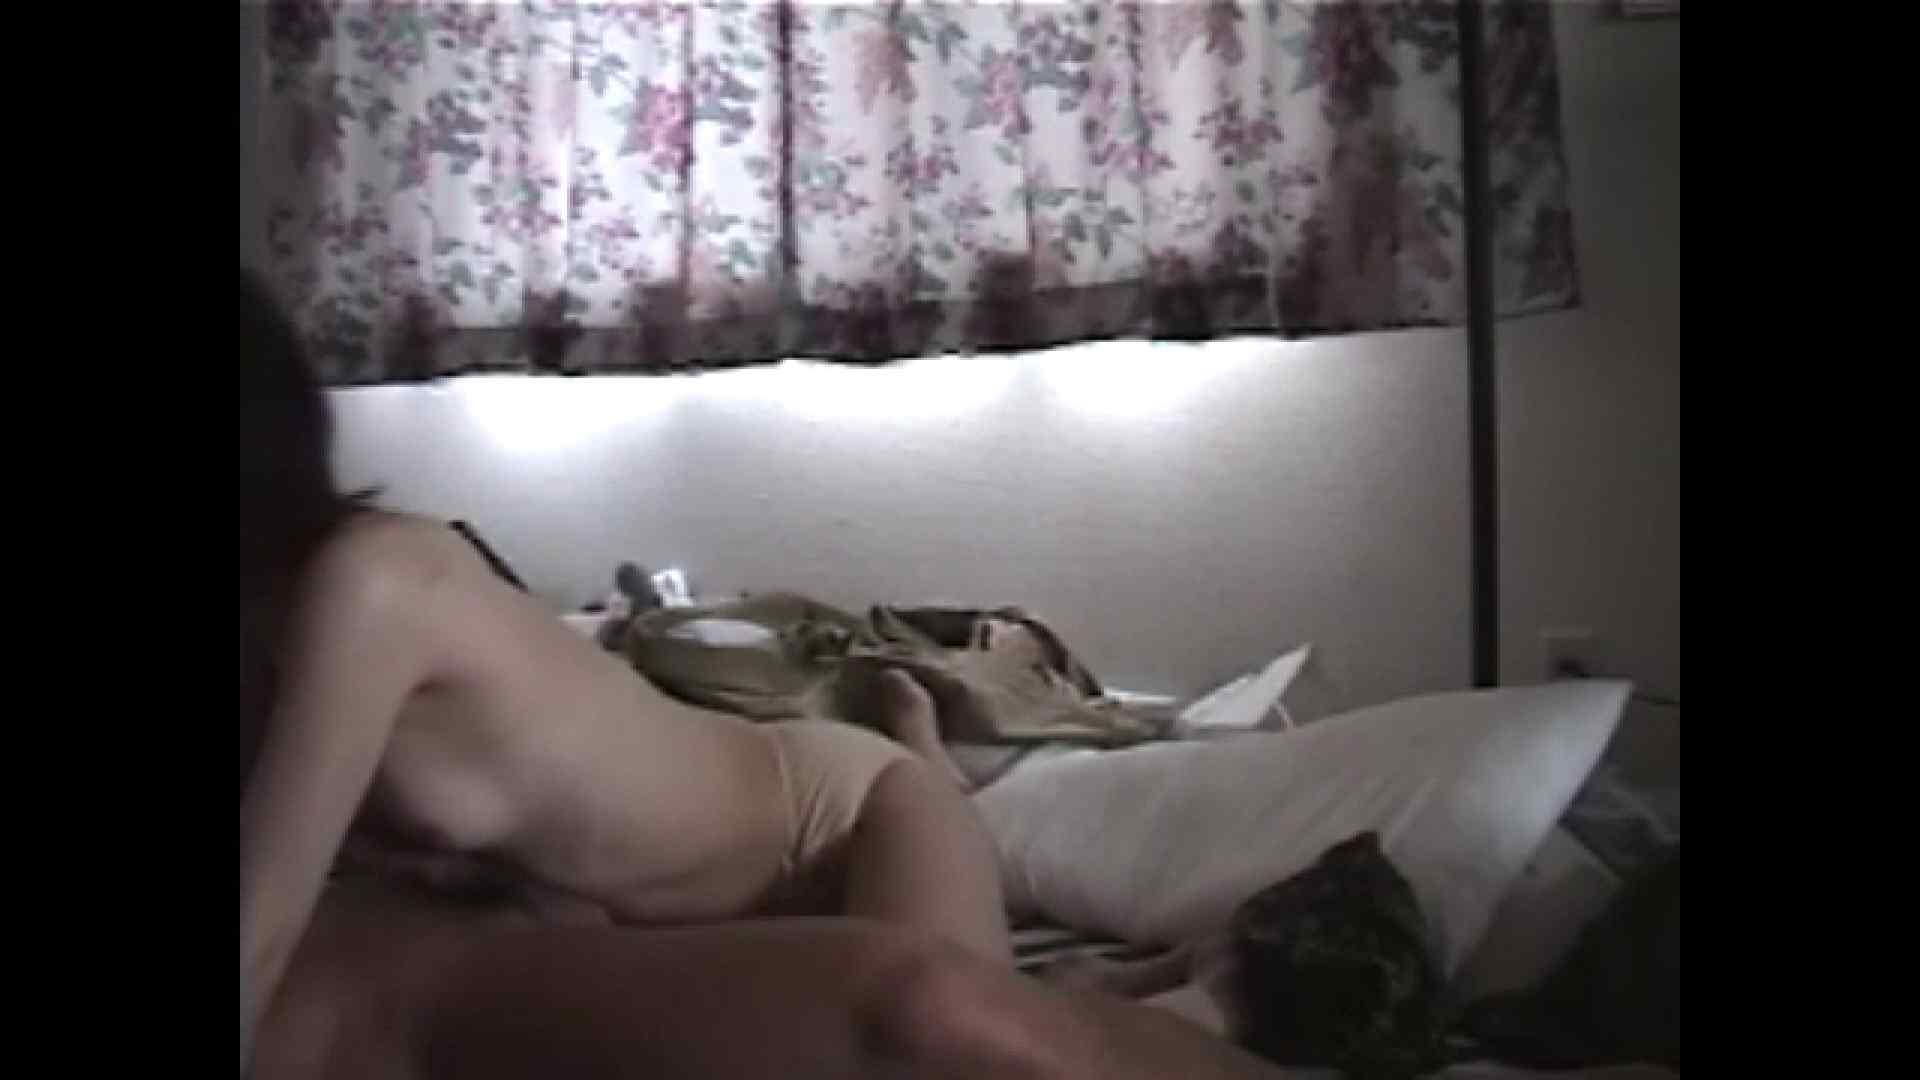 ノンケイケメンの欲望と肉棒 Vol.22 肉 | イケメンのsex  71pic 24